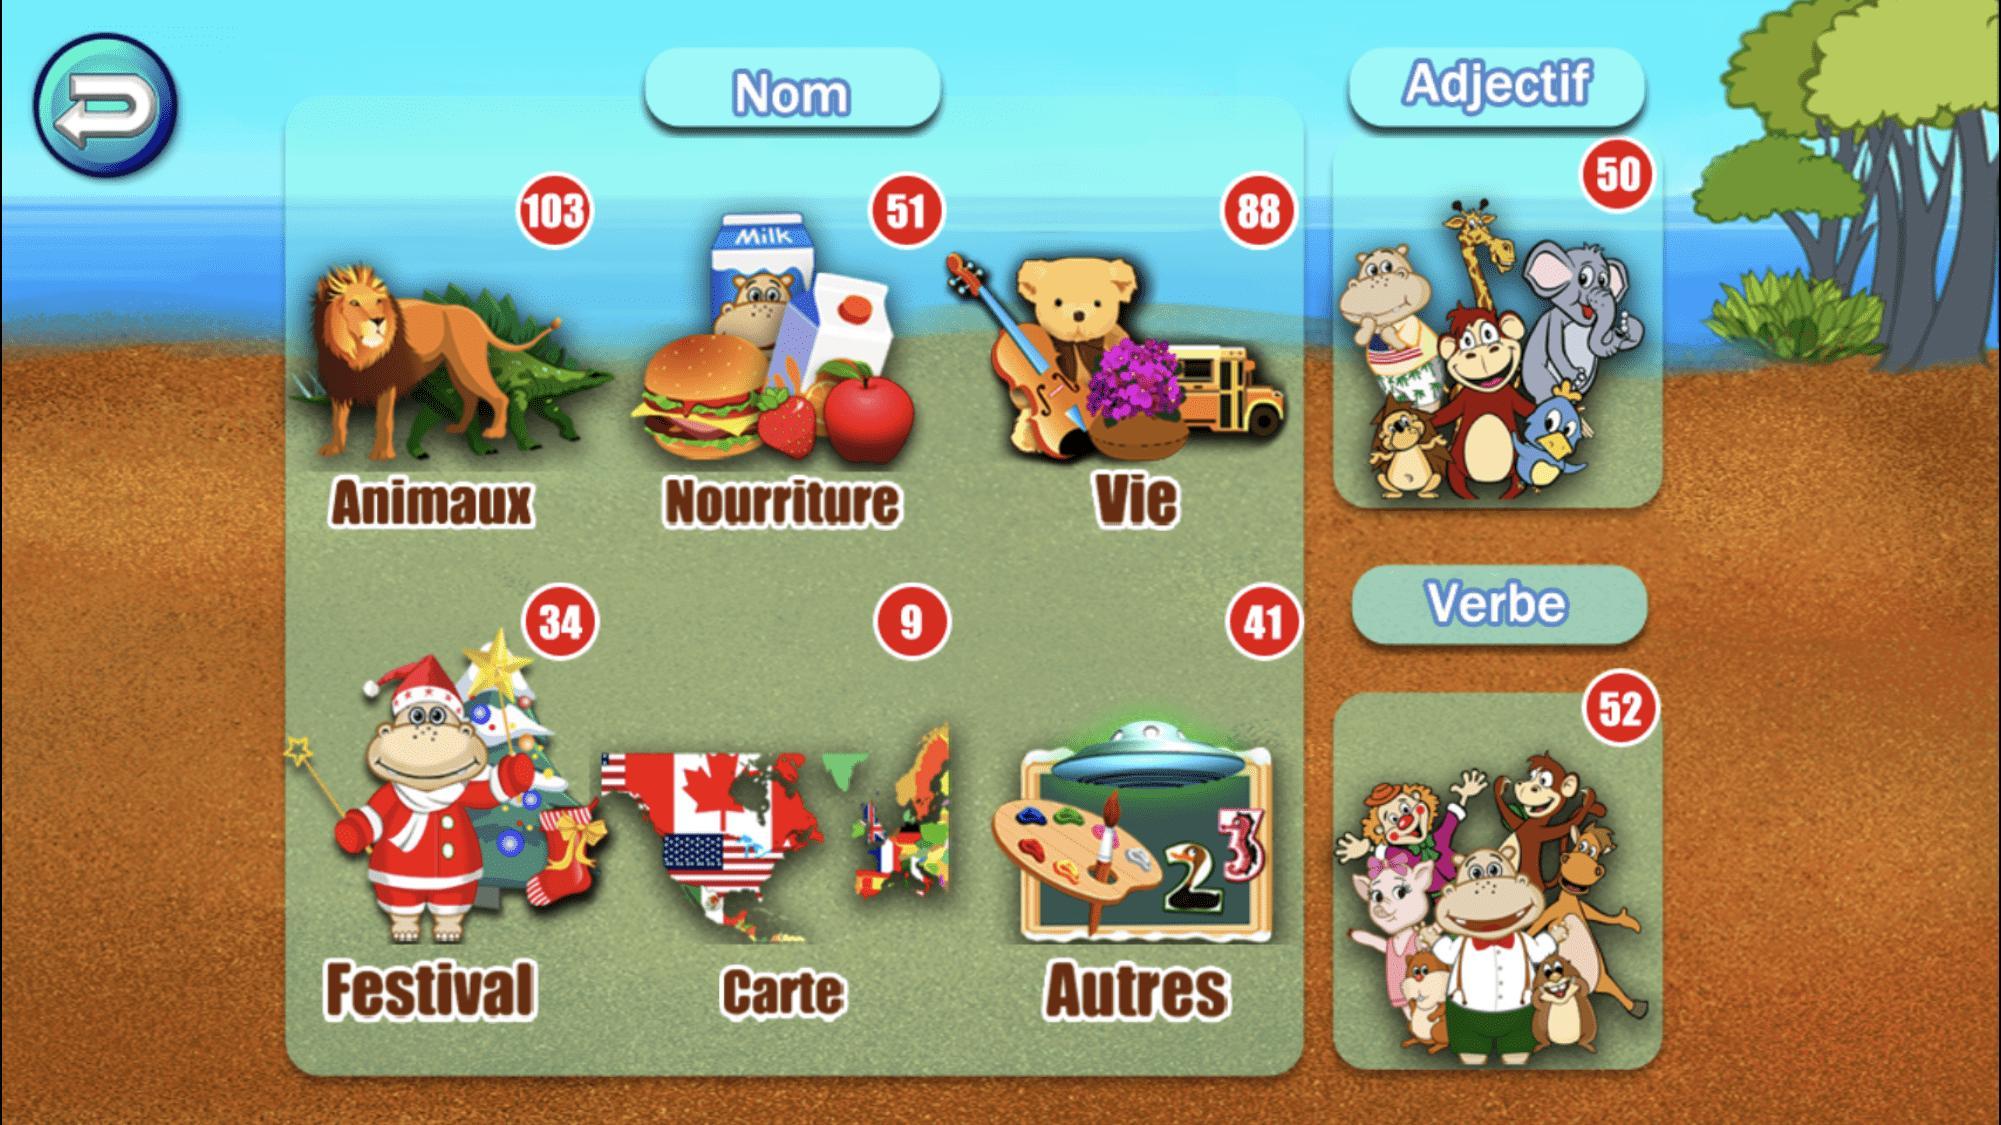 Puzzle De Forme Jeu Préféré Des Enfants Gratuit Pour Android pour Jeux D Enfans Gratuit